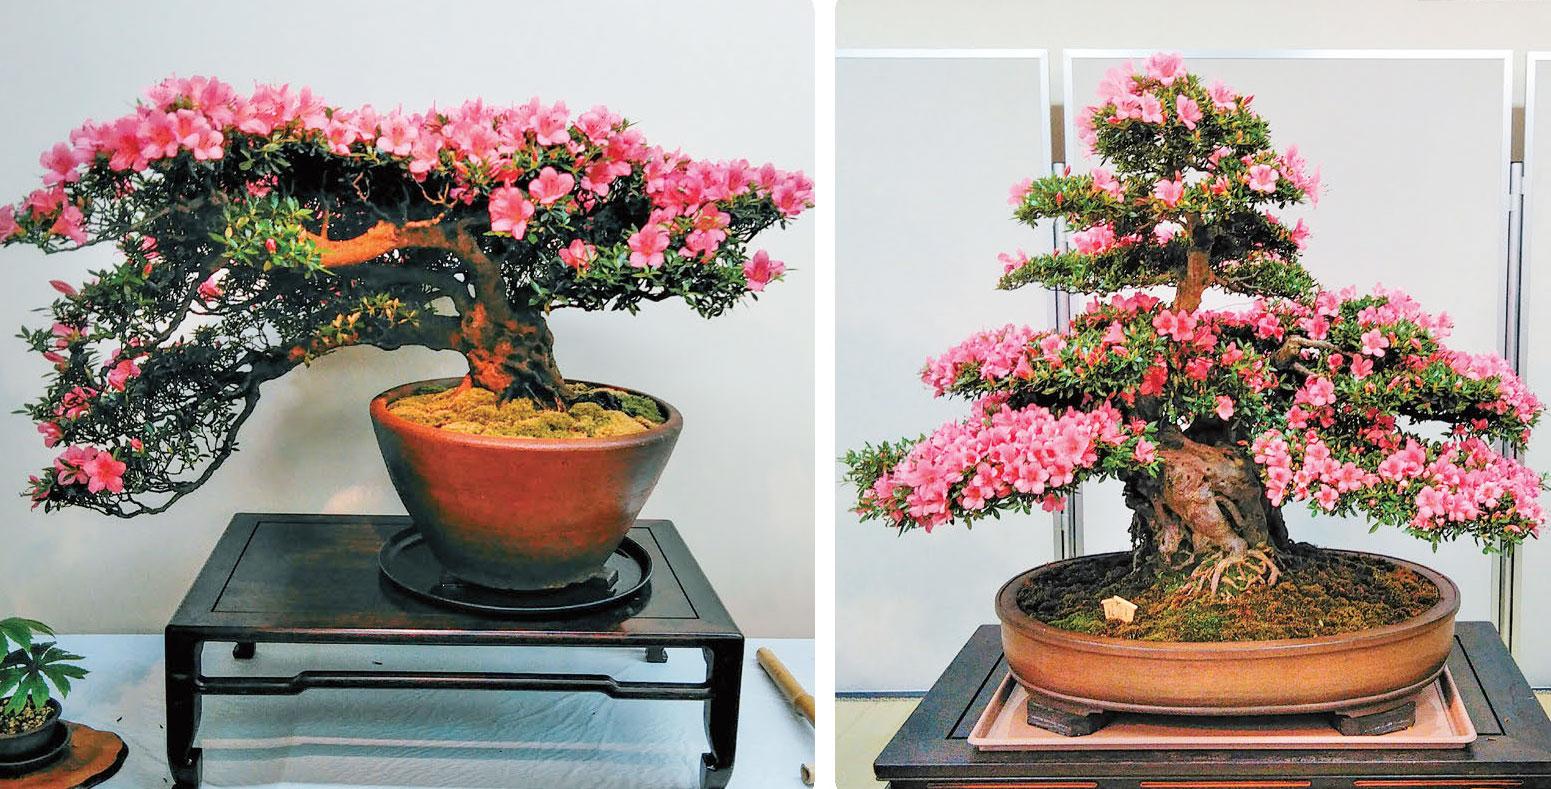 HB-101でさつきは高貴で、きれいで、元気で、美しい花を咲かせています。